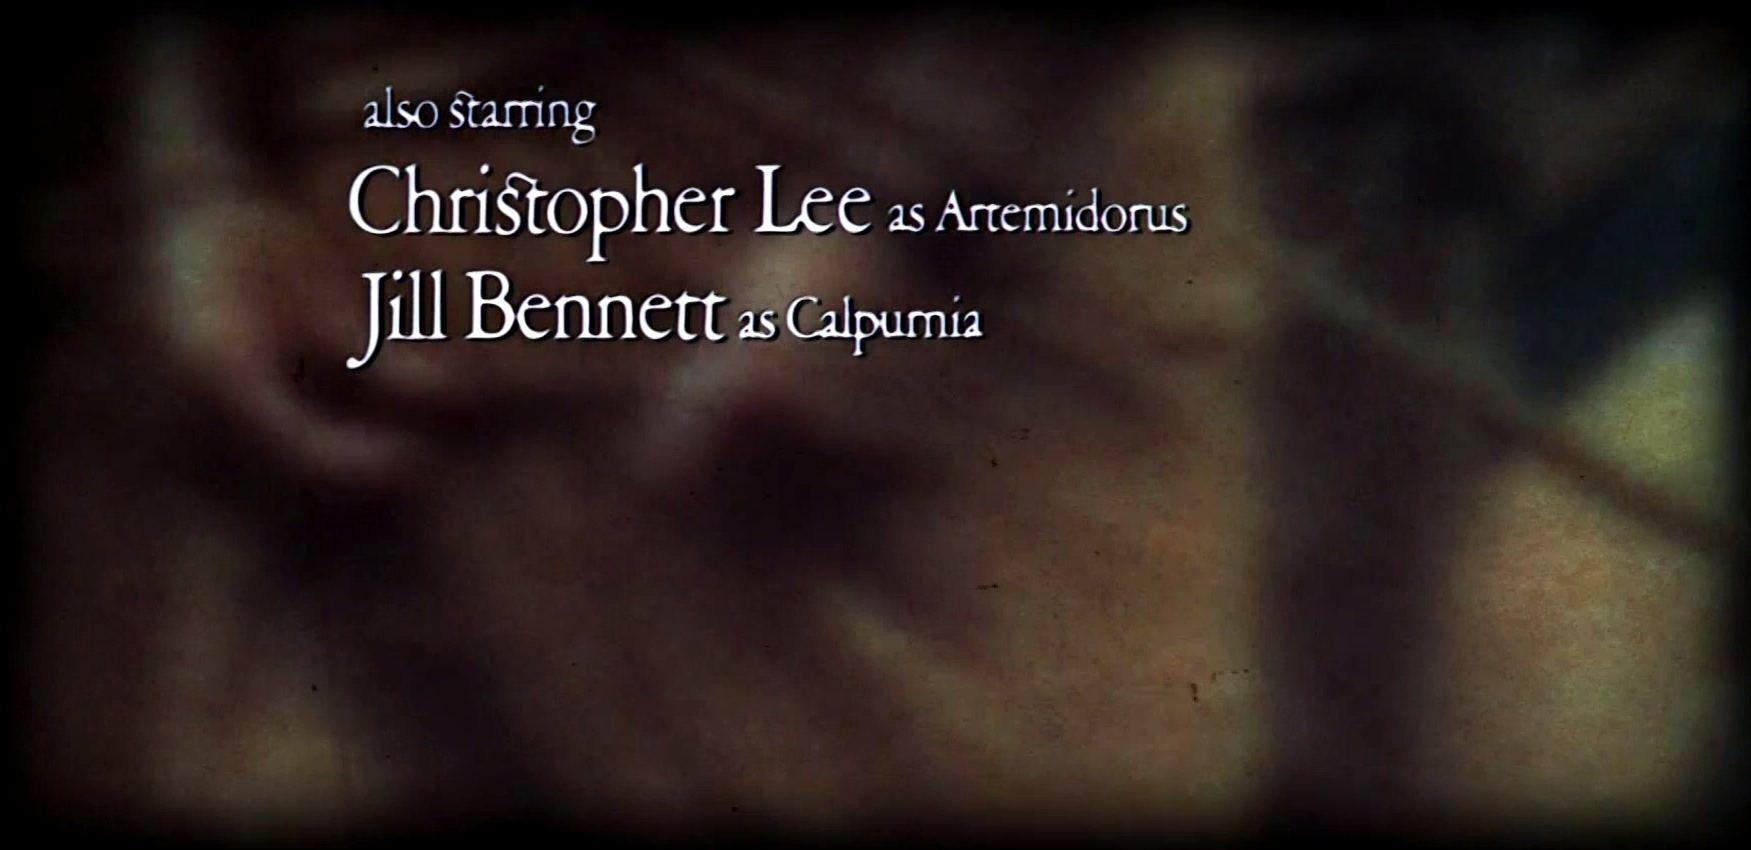 Main title from Julius Caesar (1970) (11)  Also starring Christopher Lee as Artemidorus Jill Bennett as Calpurnia